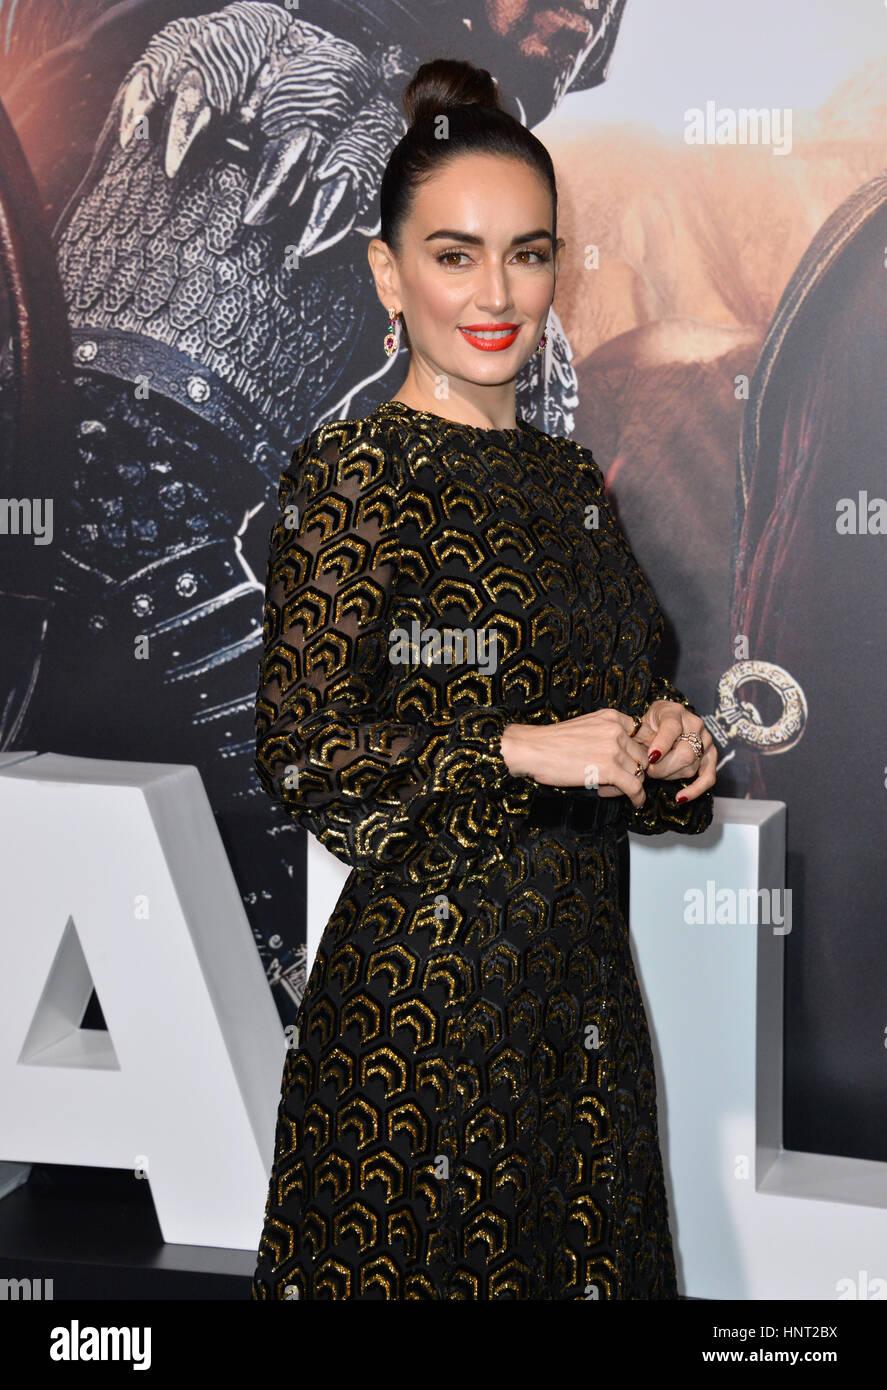 Los Angeles, Estados Unidos. 15 de febrero de 2017. La actriz Ana de la Reguera en el estreno de 'La Gran Muralla' Imagen De Stock